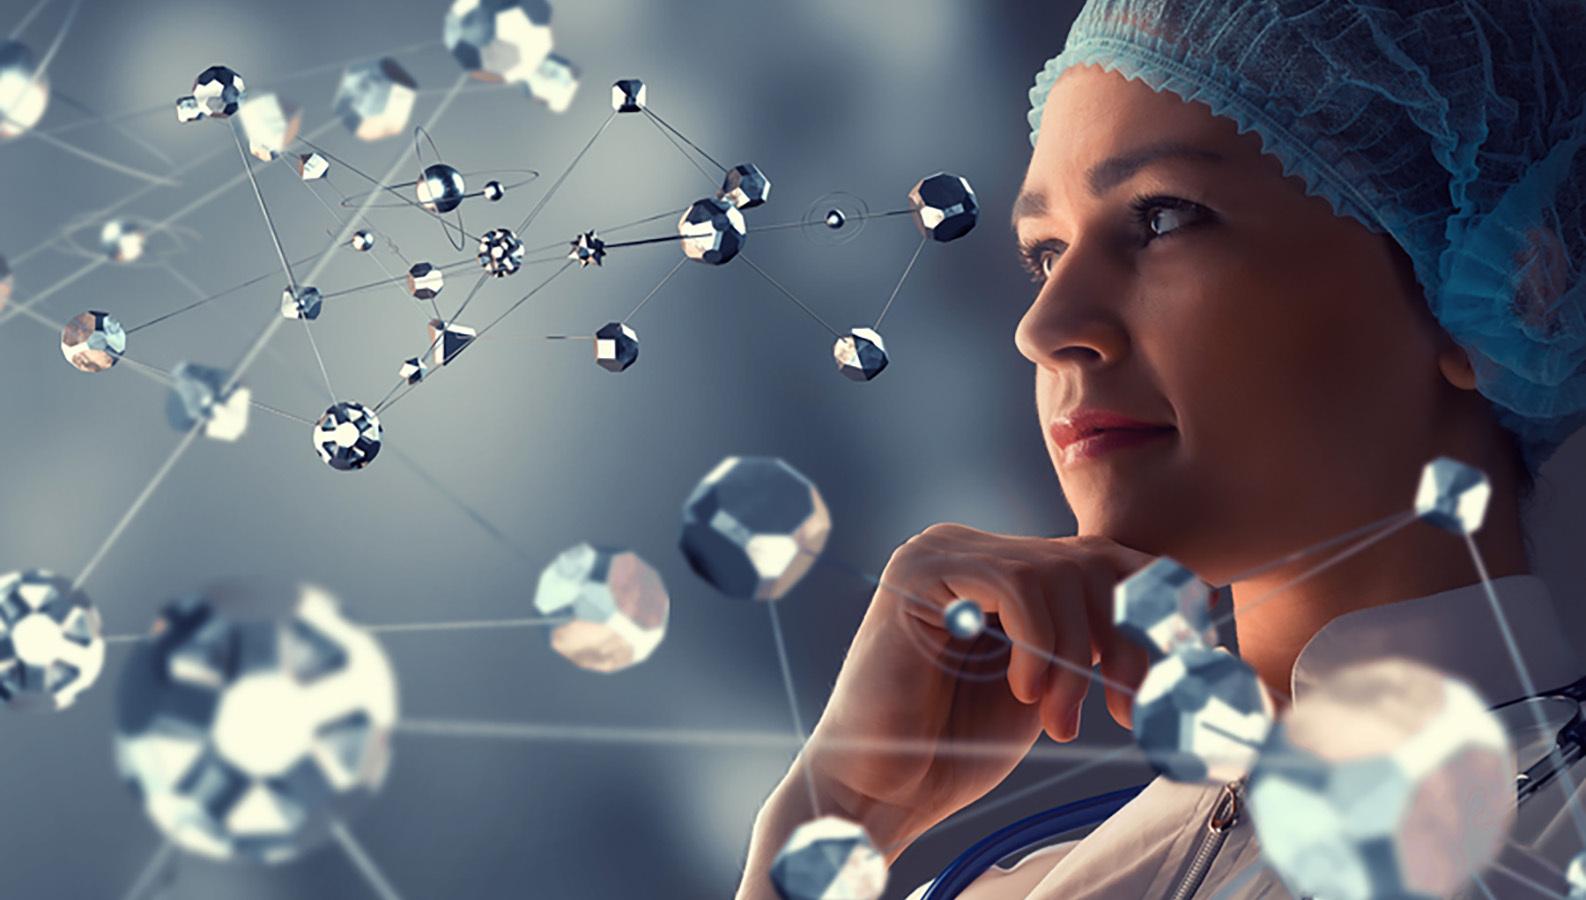 «Диагностика будущего»: регистратор наночастиц и микрокамеры